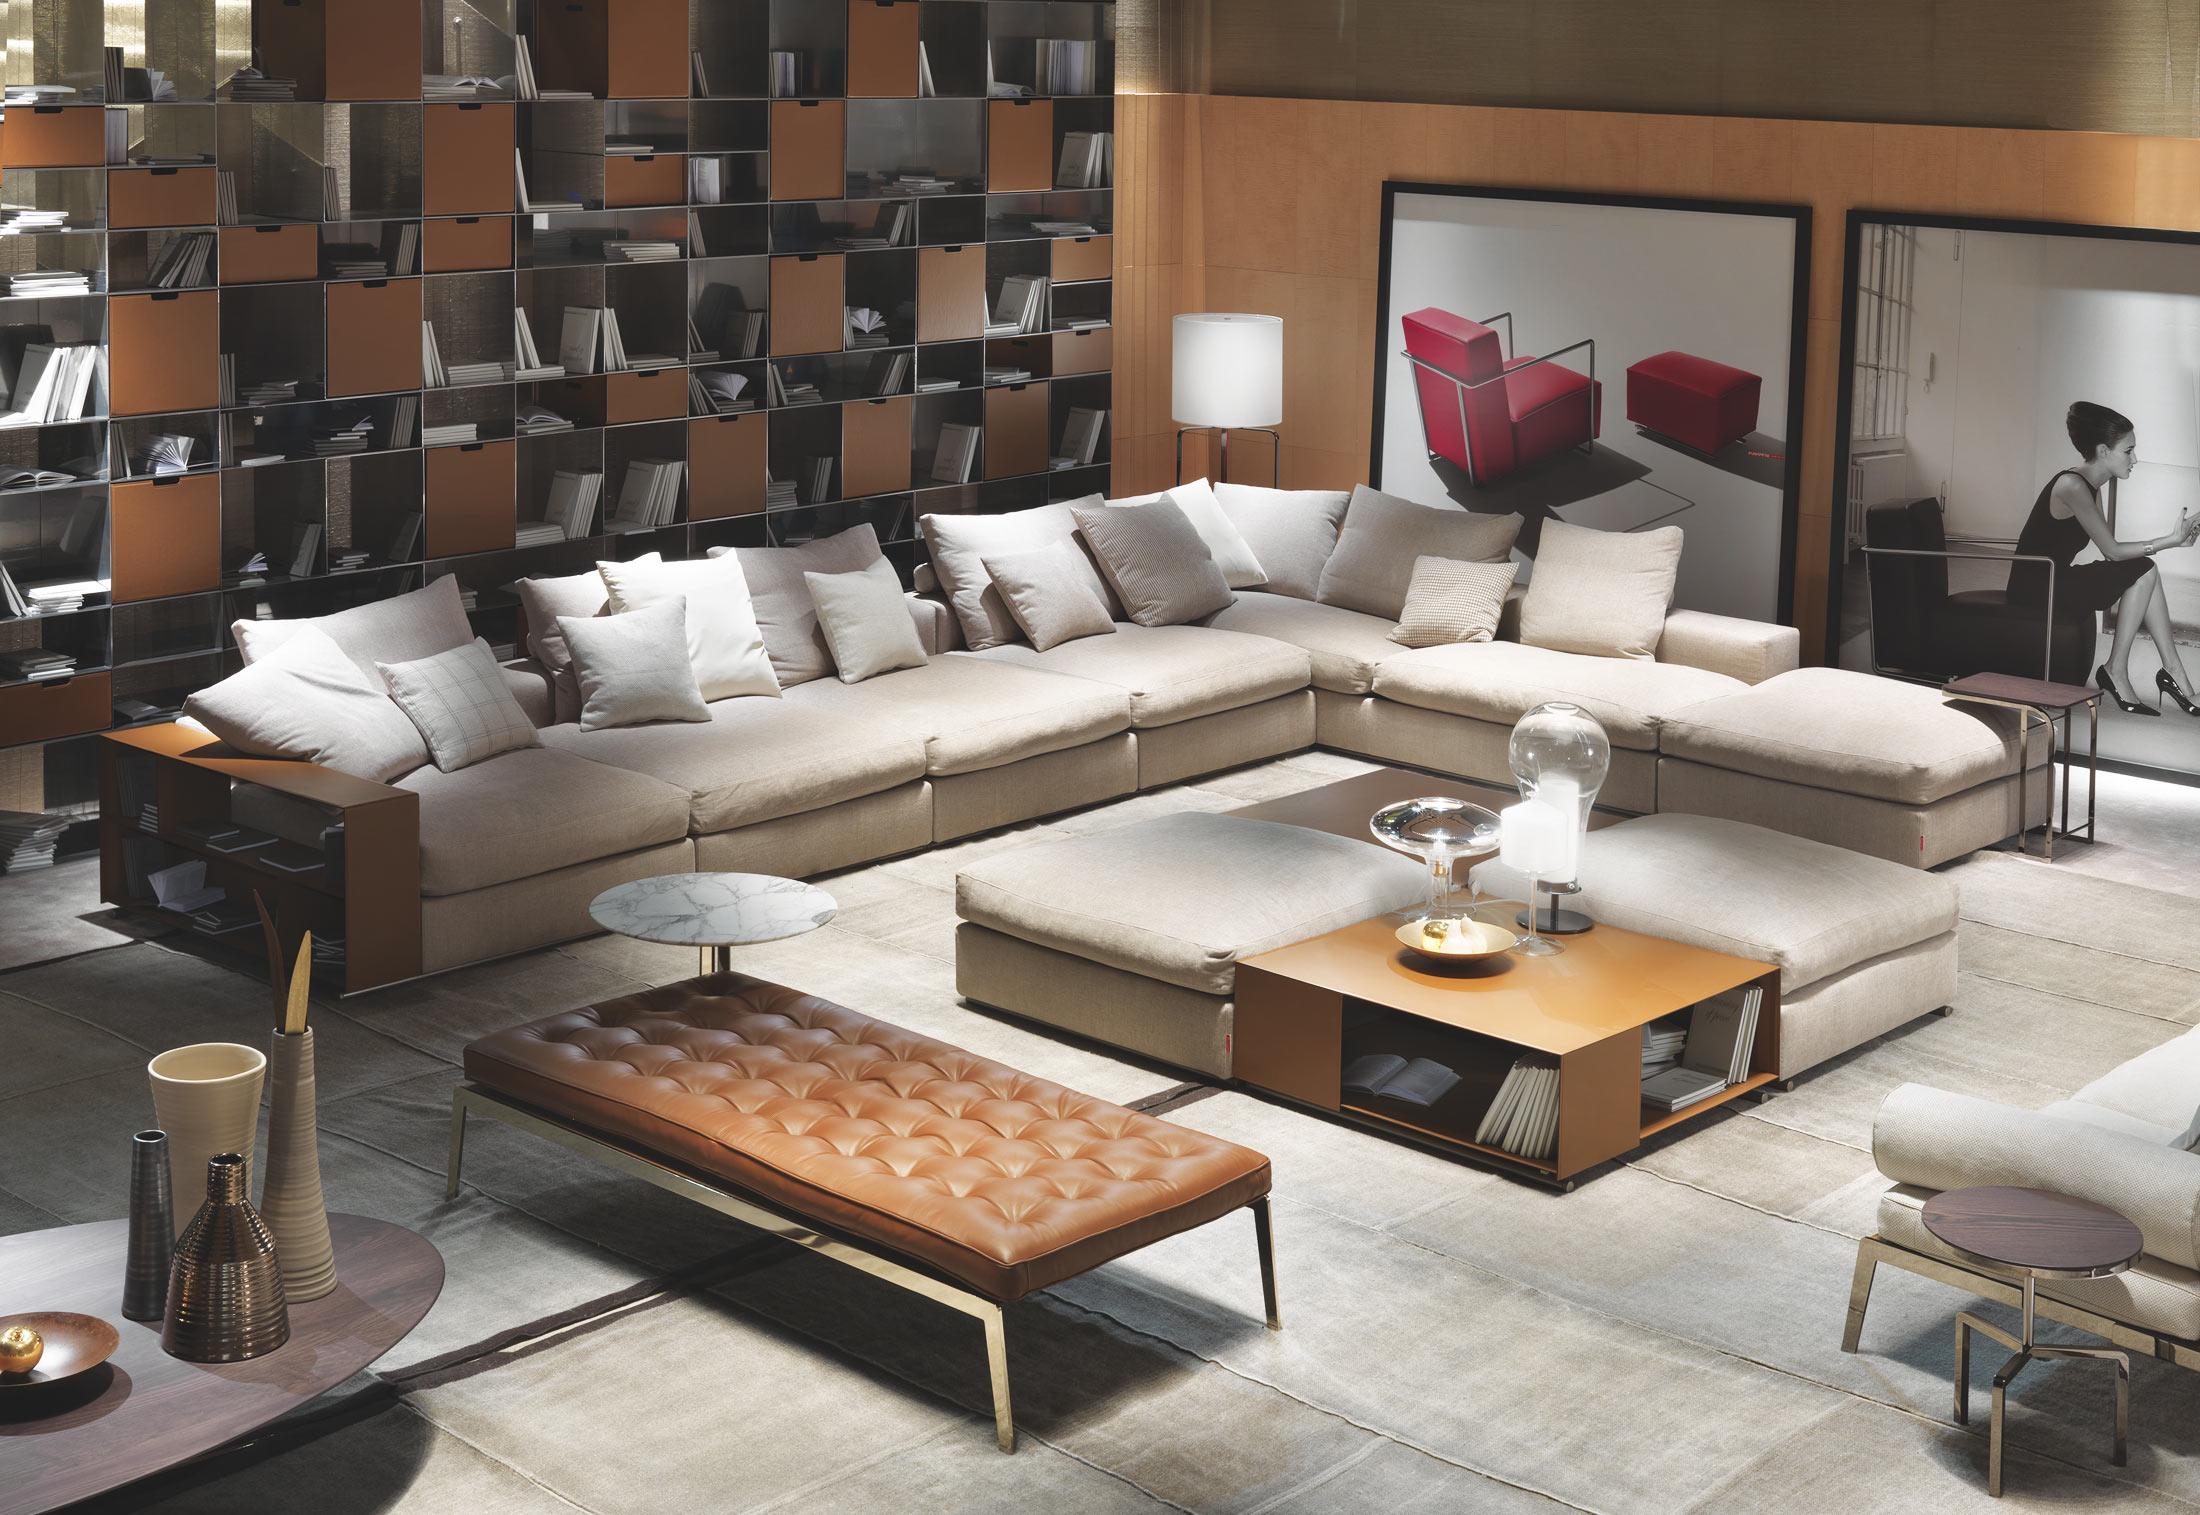 Groundpiece sectional sofa by flexform stylepark for Flexform groundpiece